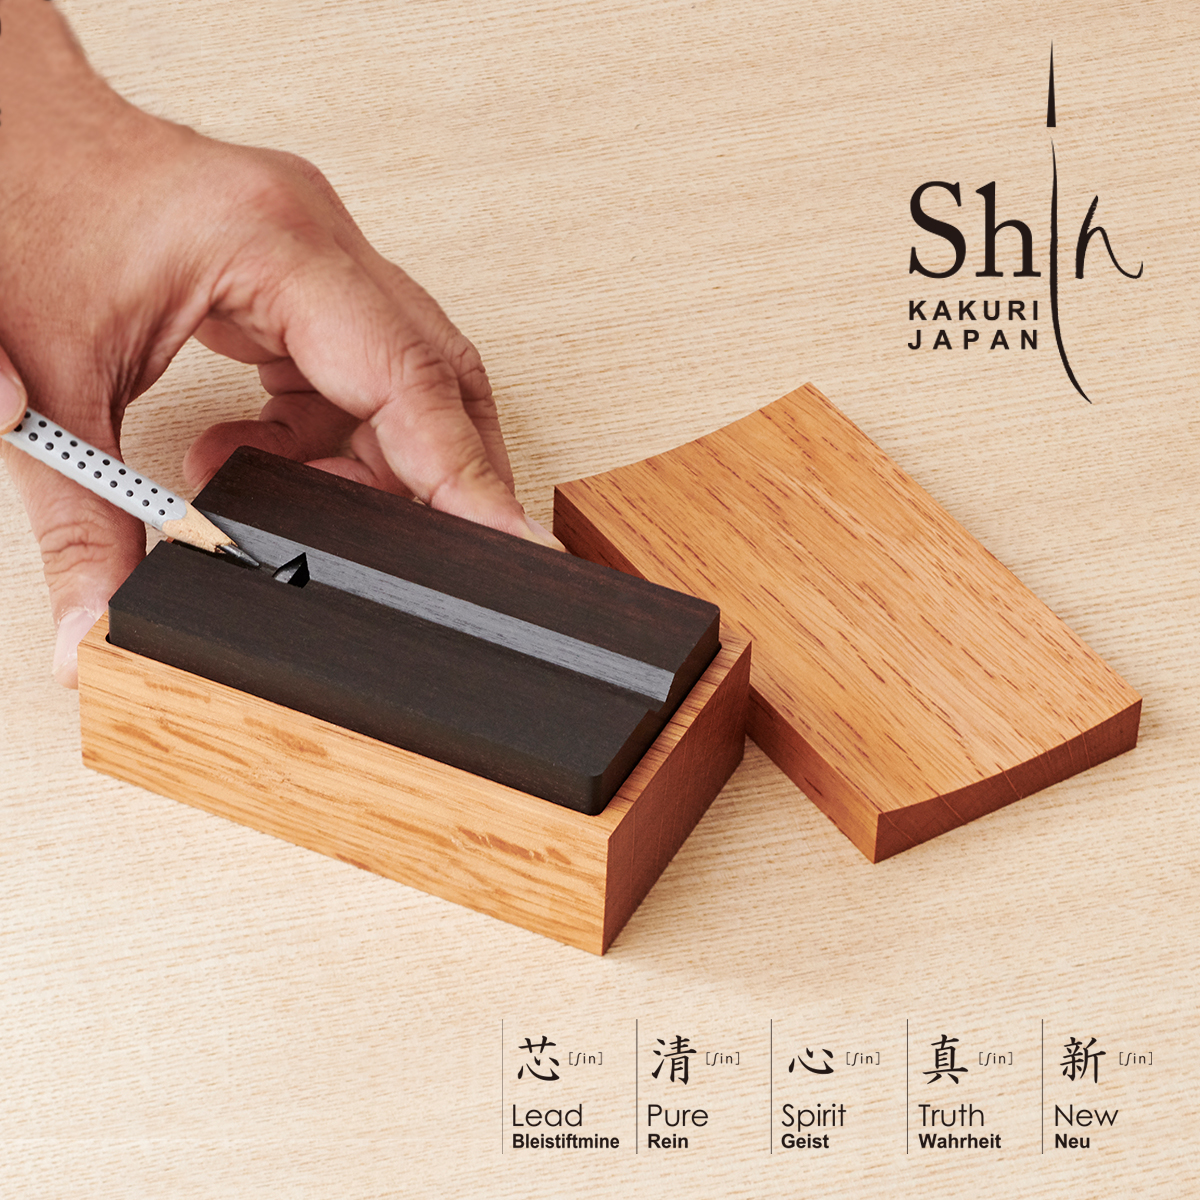 心の研ぎ澄まし。かんな屋がつくる鉛筆削り 日本の匠の技を感じる鉛筆削り